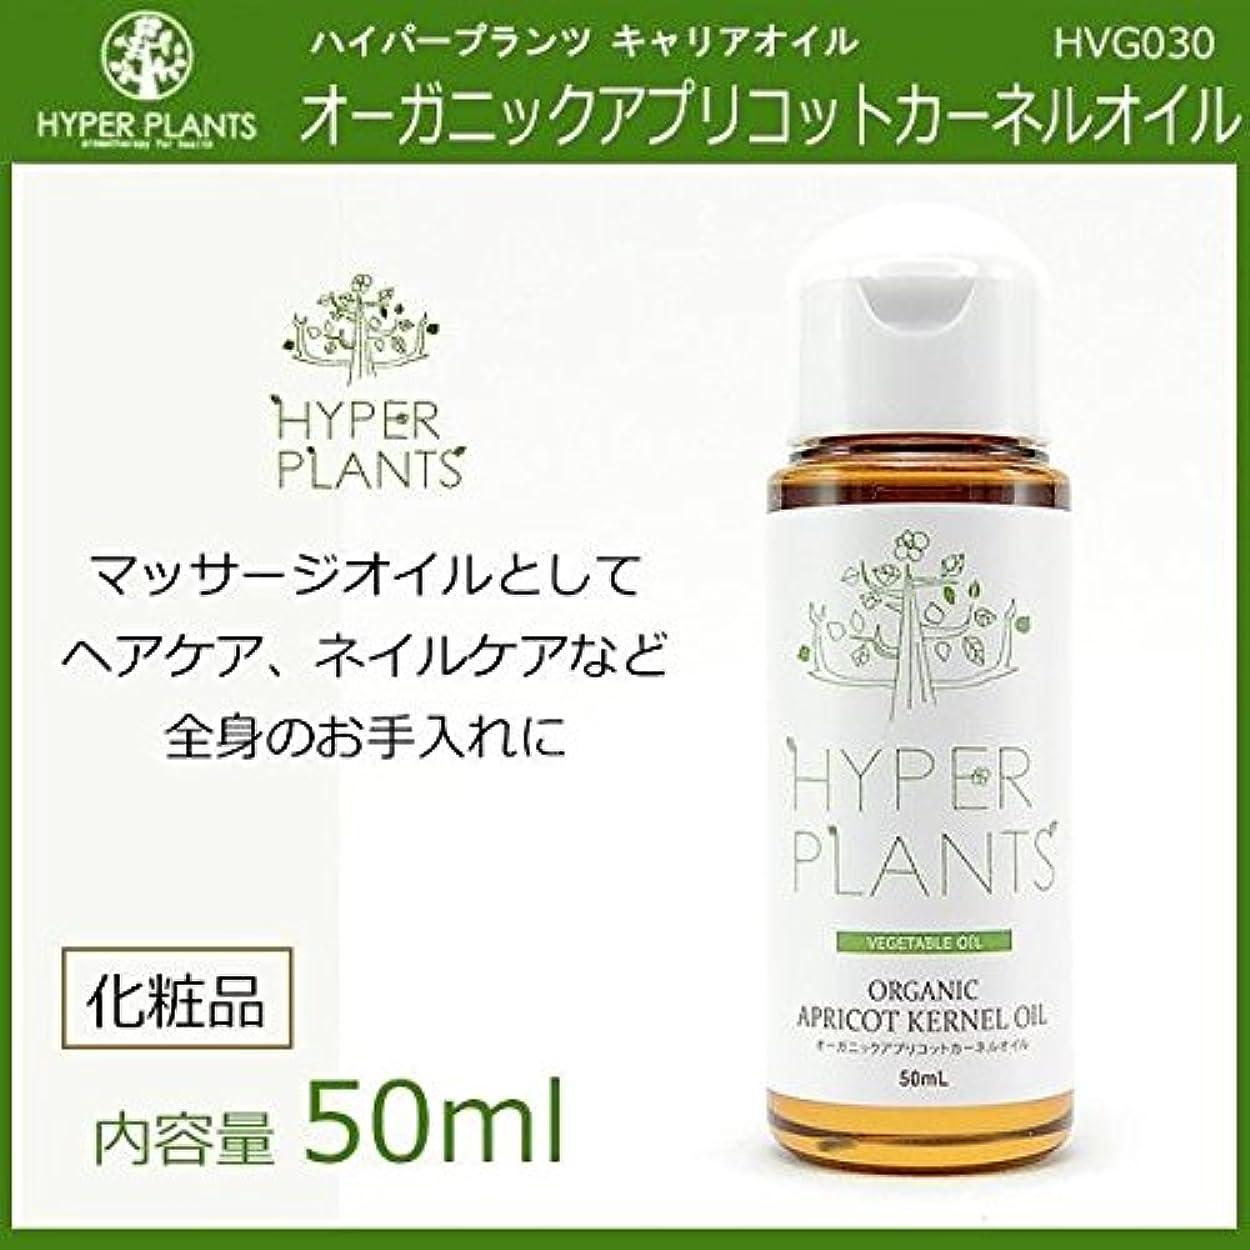 デイジー品揃え後ろにHYPER PLANTS ハイパープランツ キャリアオイル オーガニックアプリコットカーネルオイル 50ml HVG030